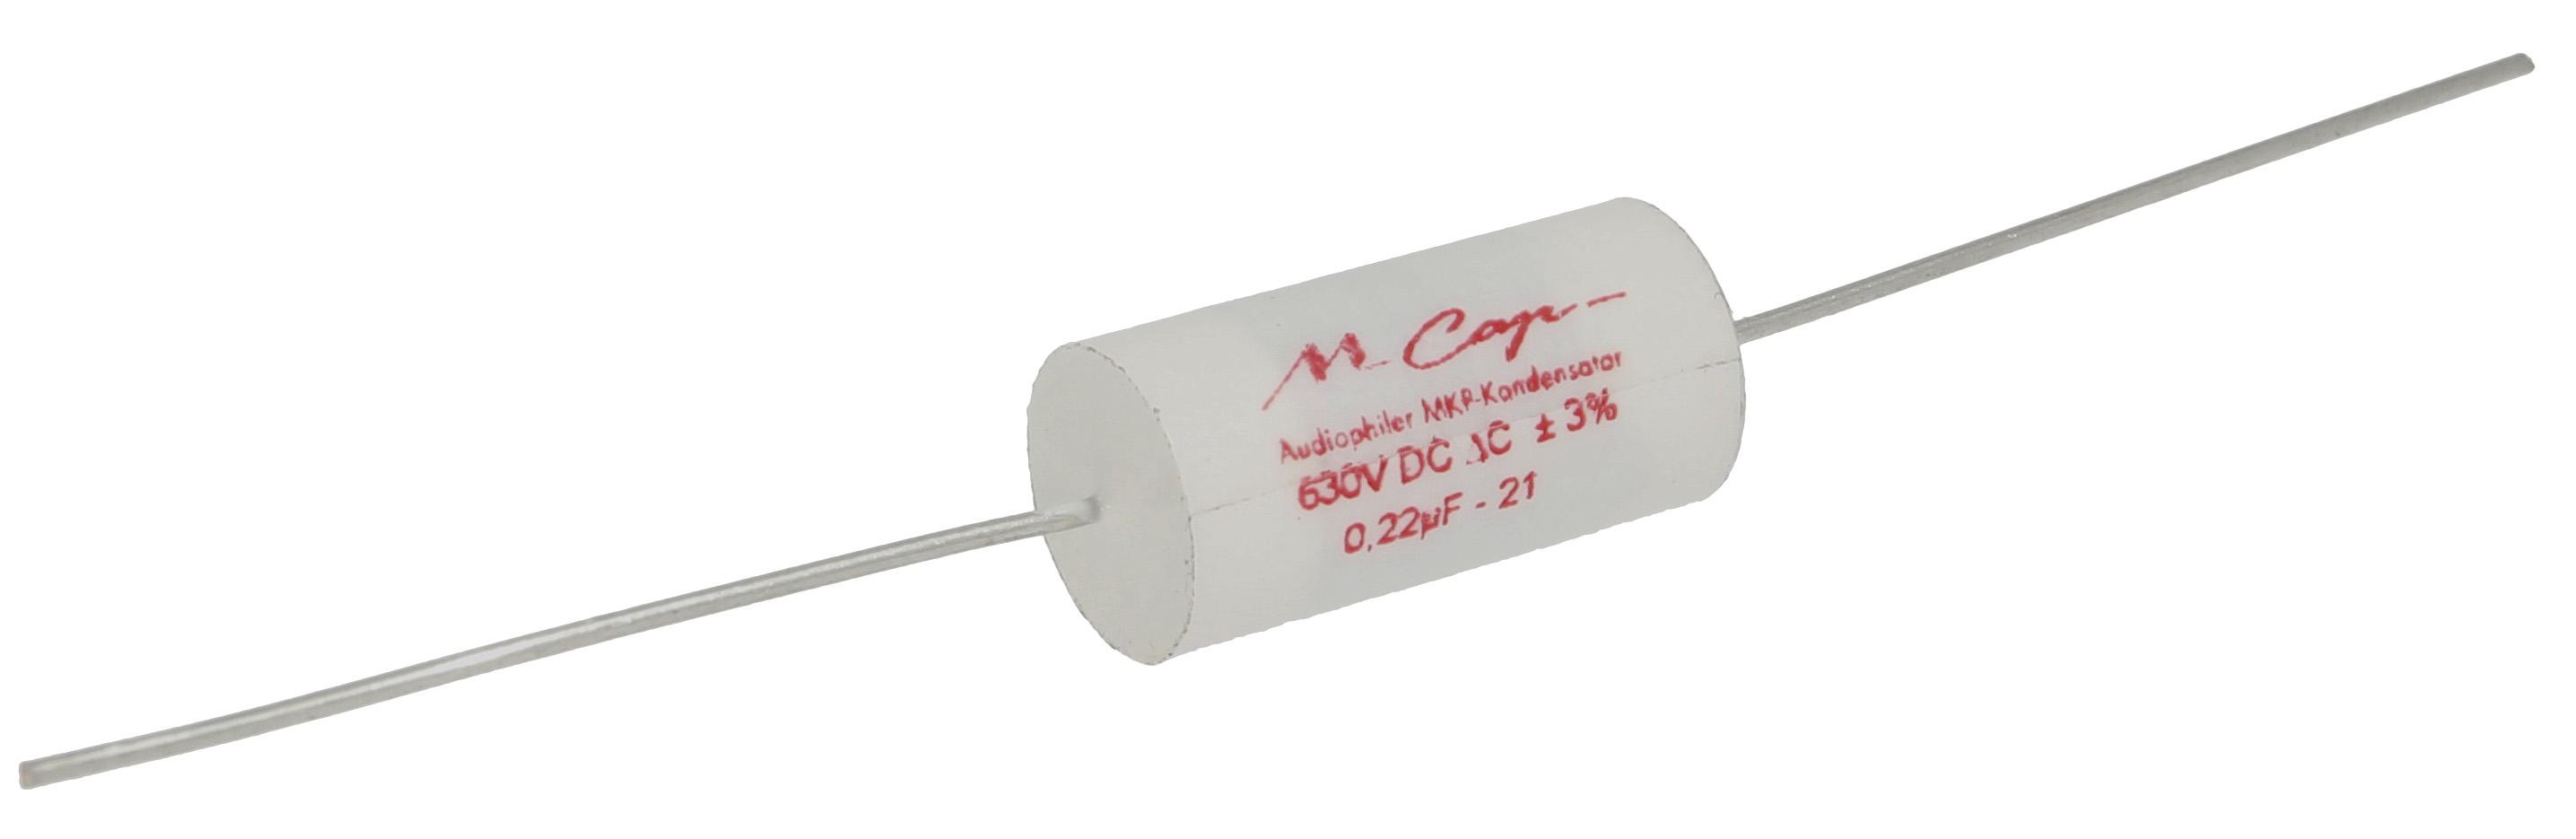 Mundorf MCap-630